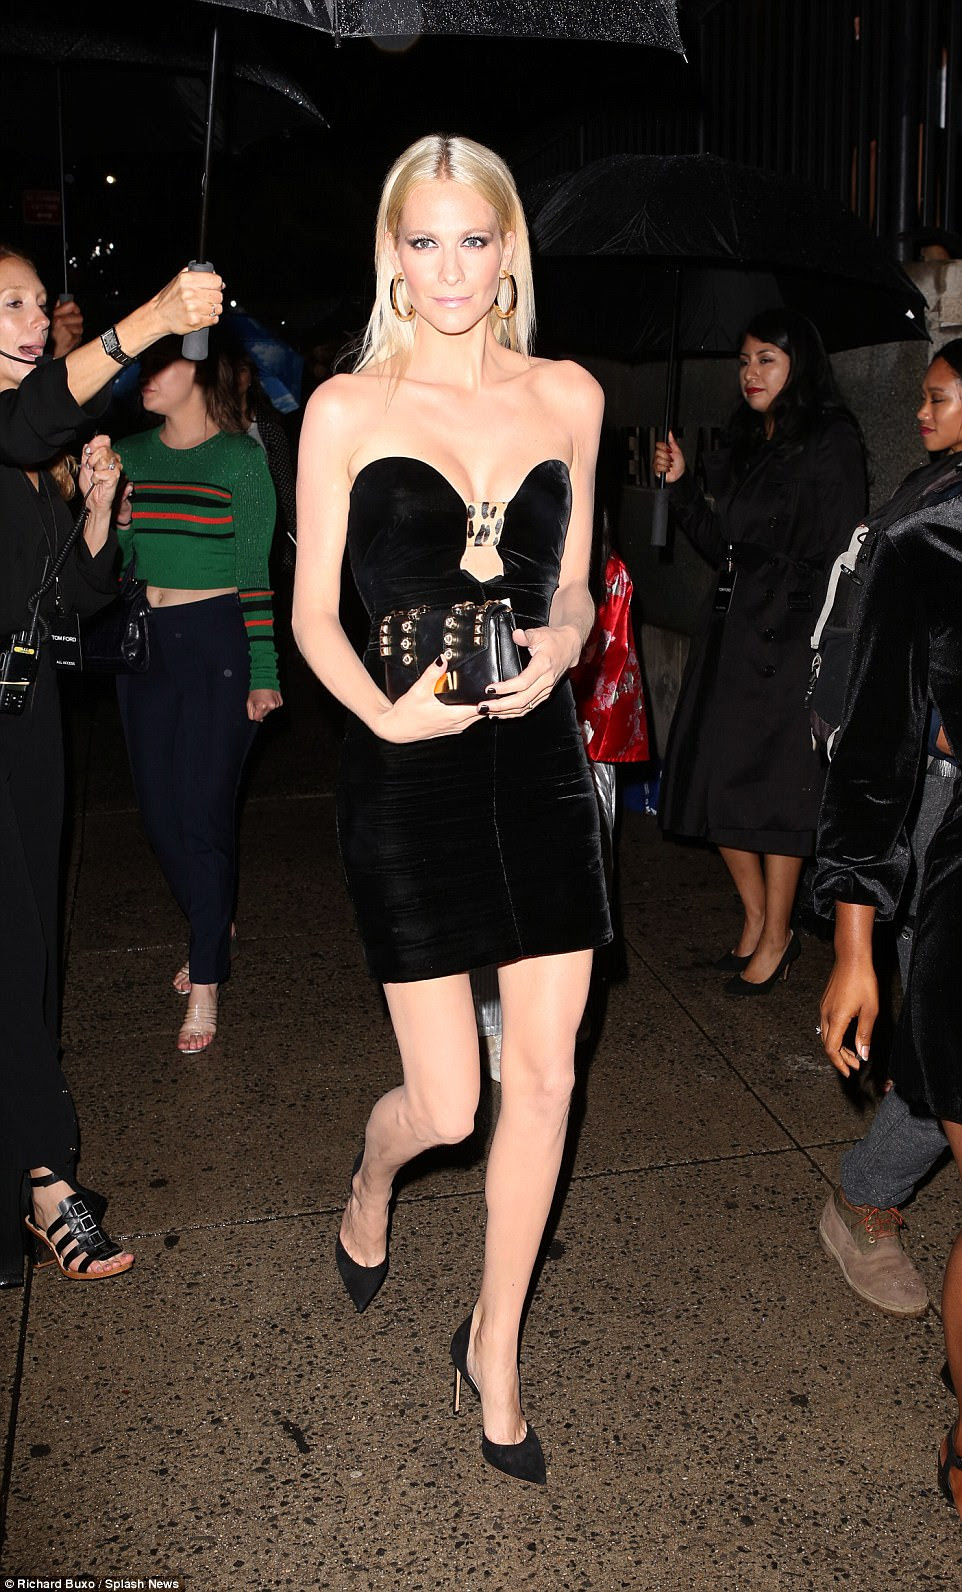 A vision in velvet: Poppy was displaying her endless legs in the scanty velvet mini dress